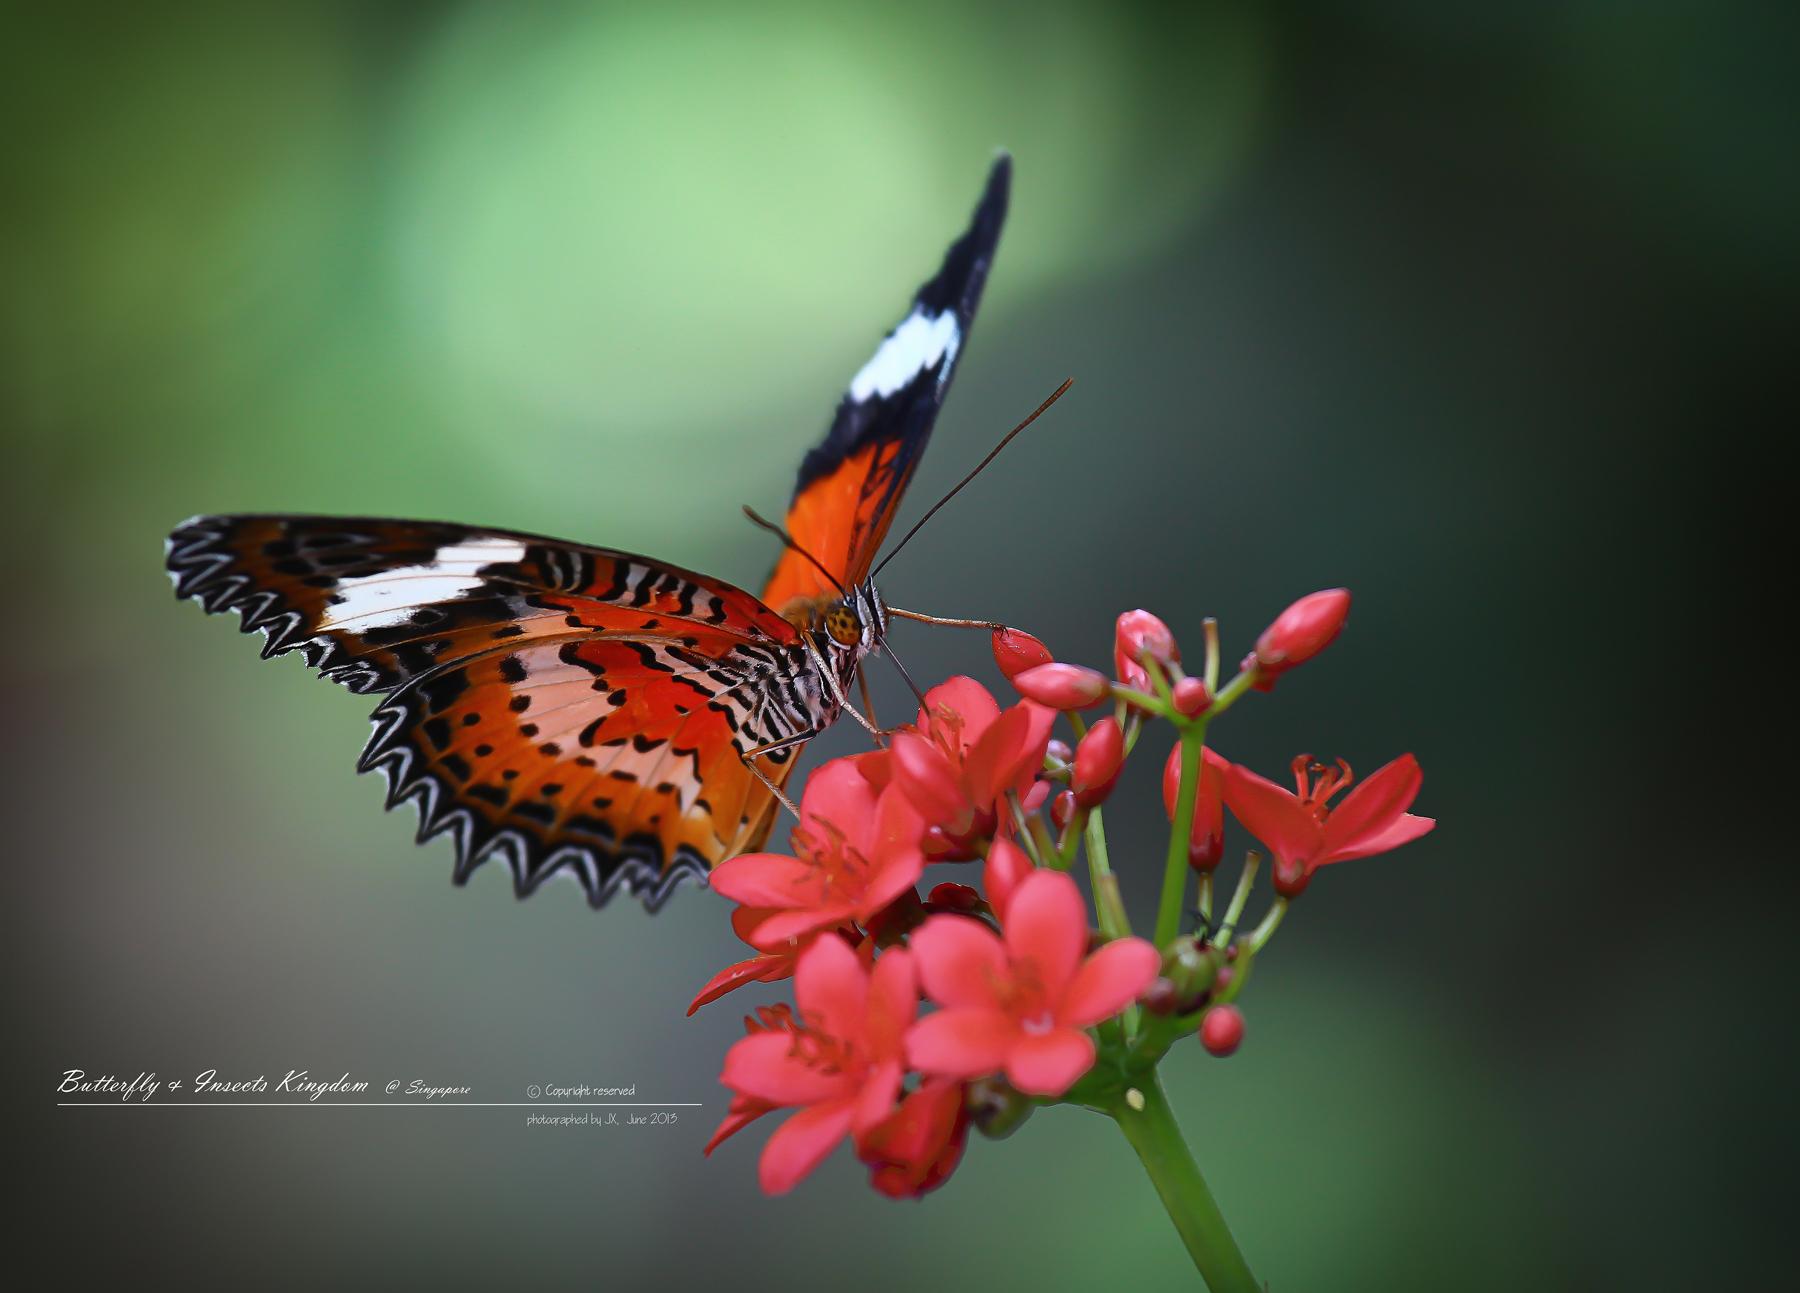 北郭先生非常喜欢蝴蝶